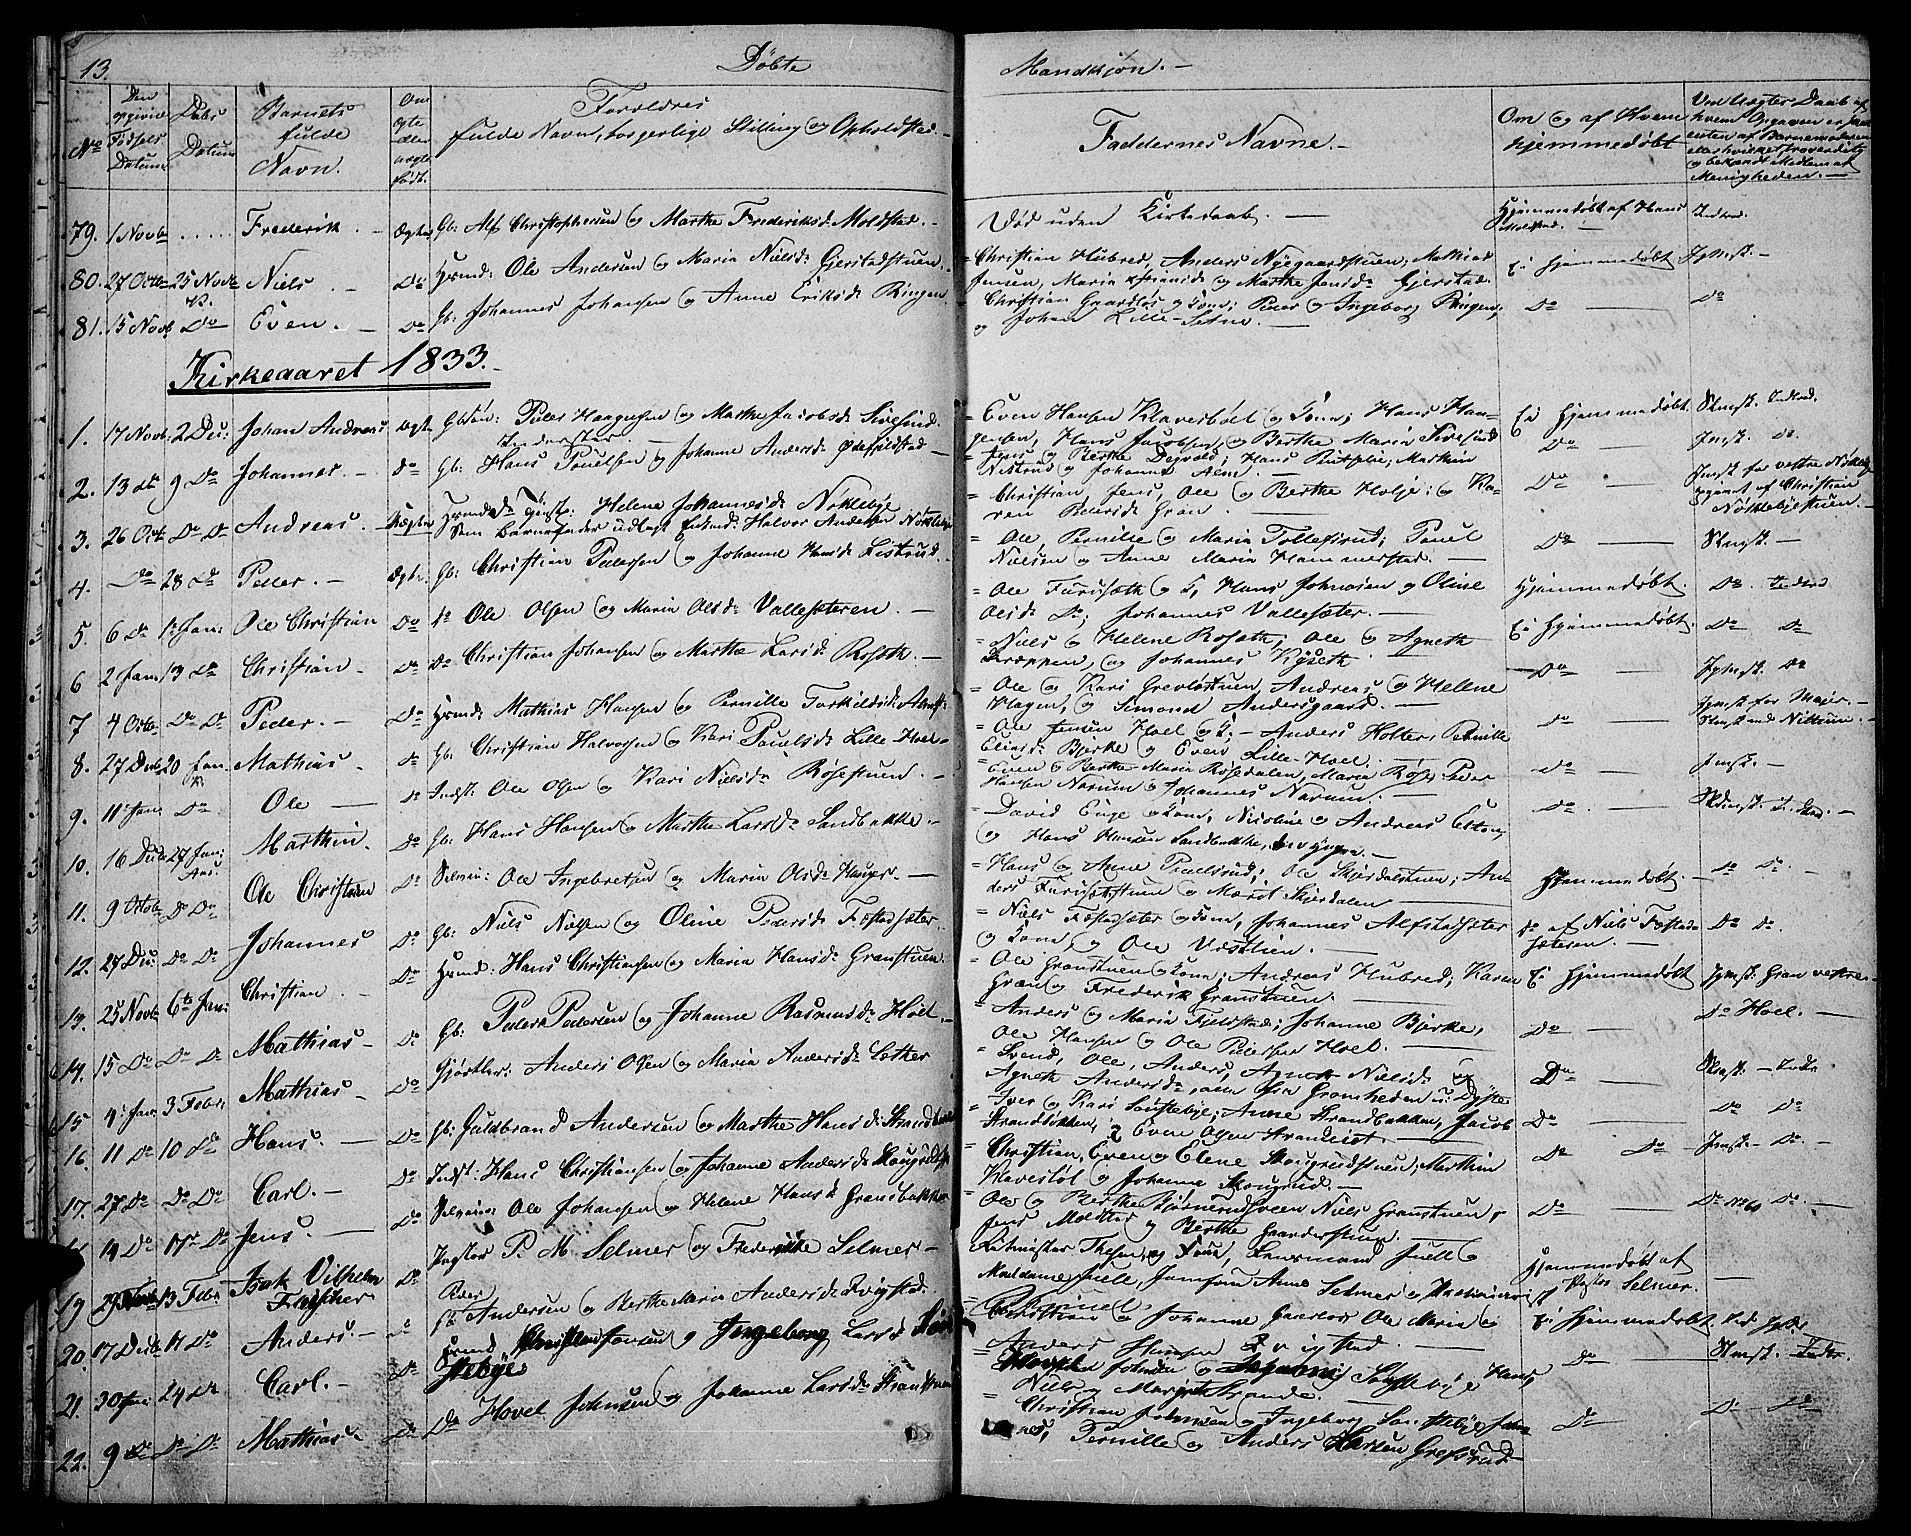 SAH, Vestre Toten prestekontor, Klokkerbok nr. 1, 1830-1836, s. 13